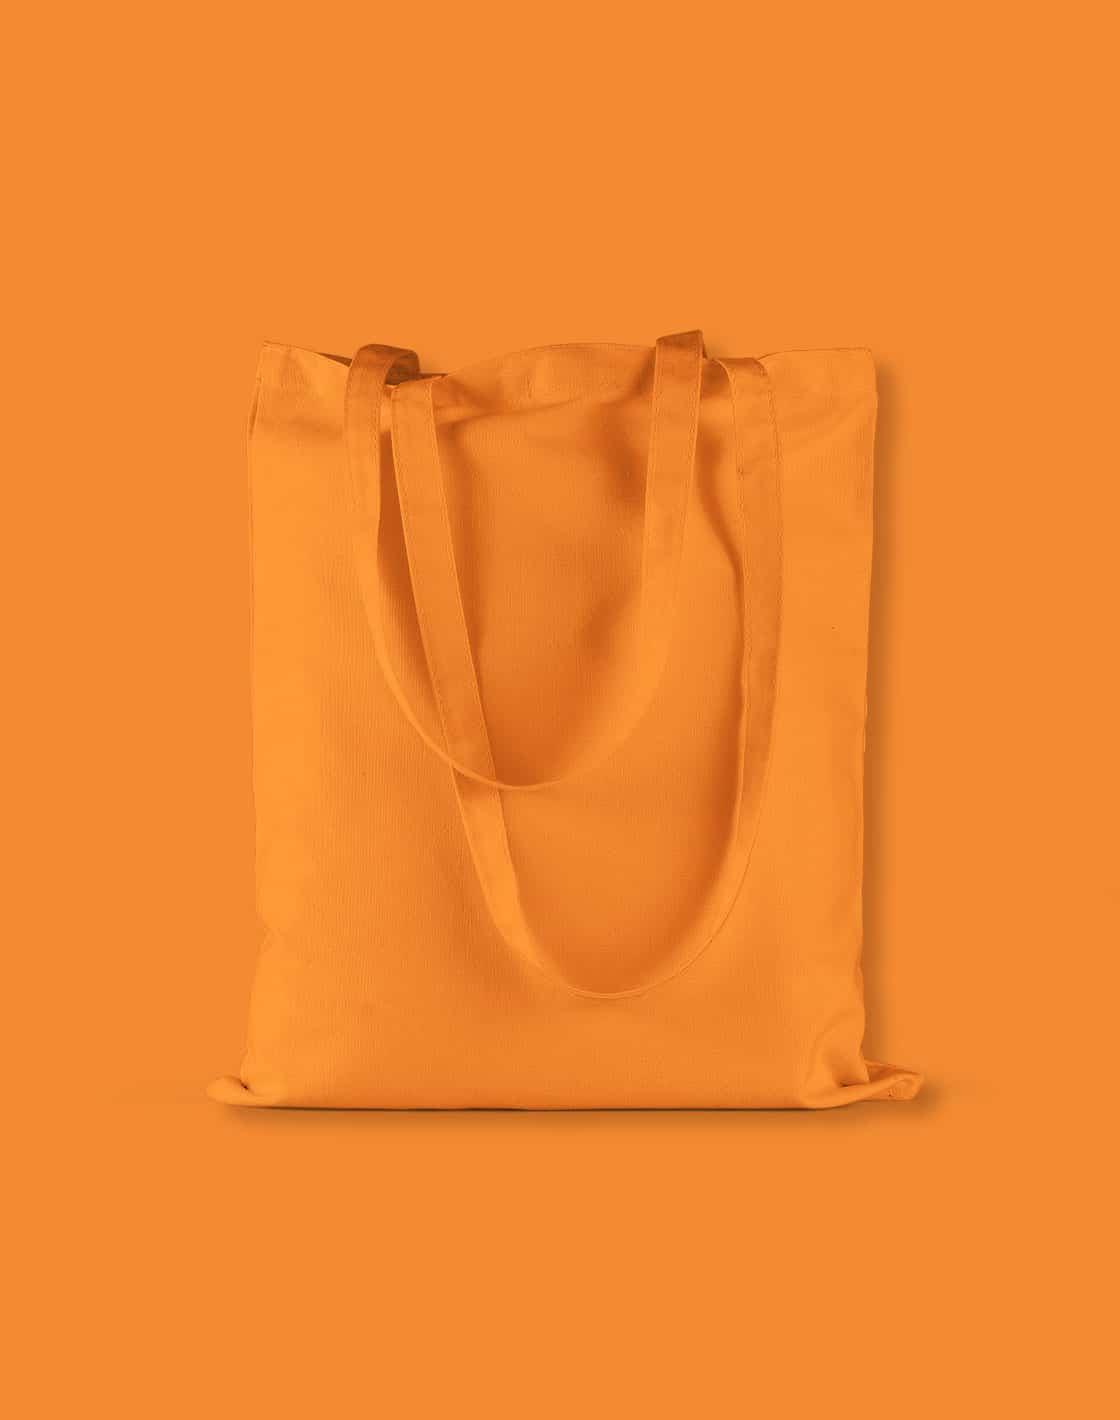 baumwolltaschen bunt orange lange henkel 38x42cm